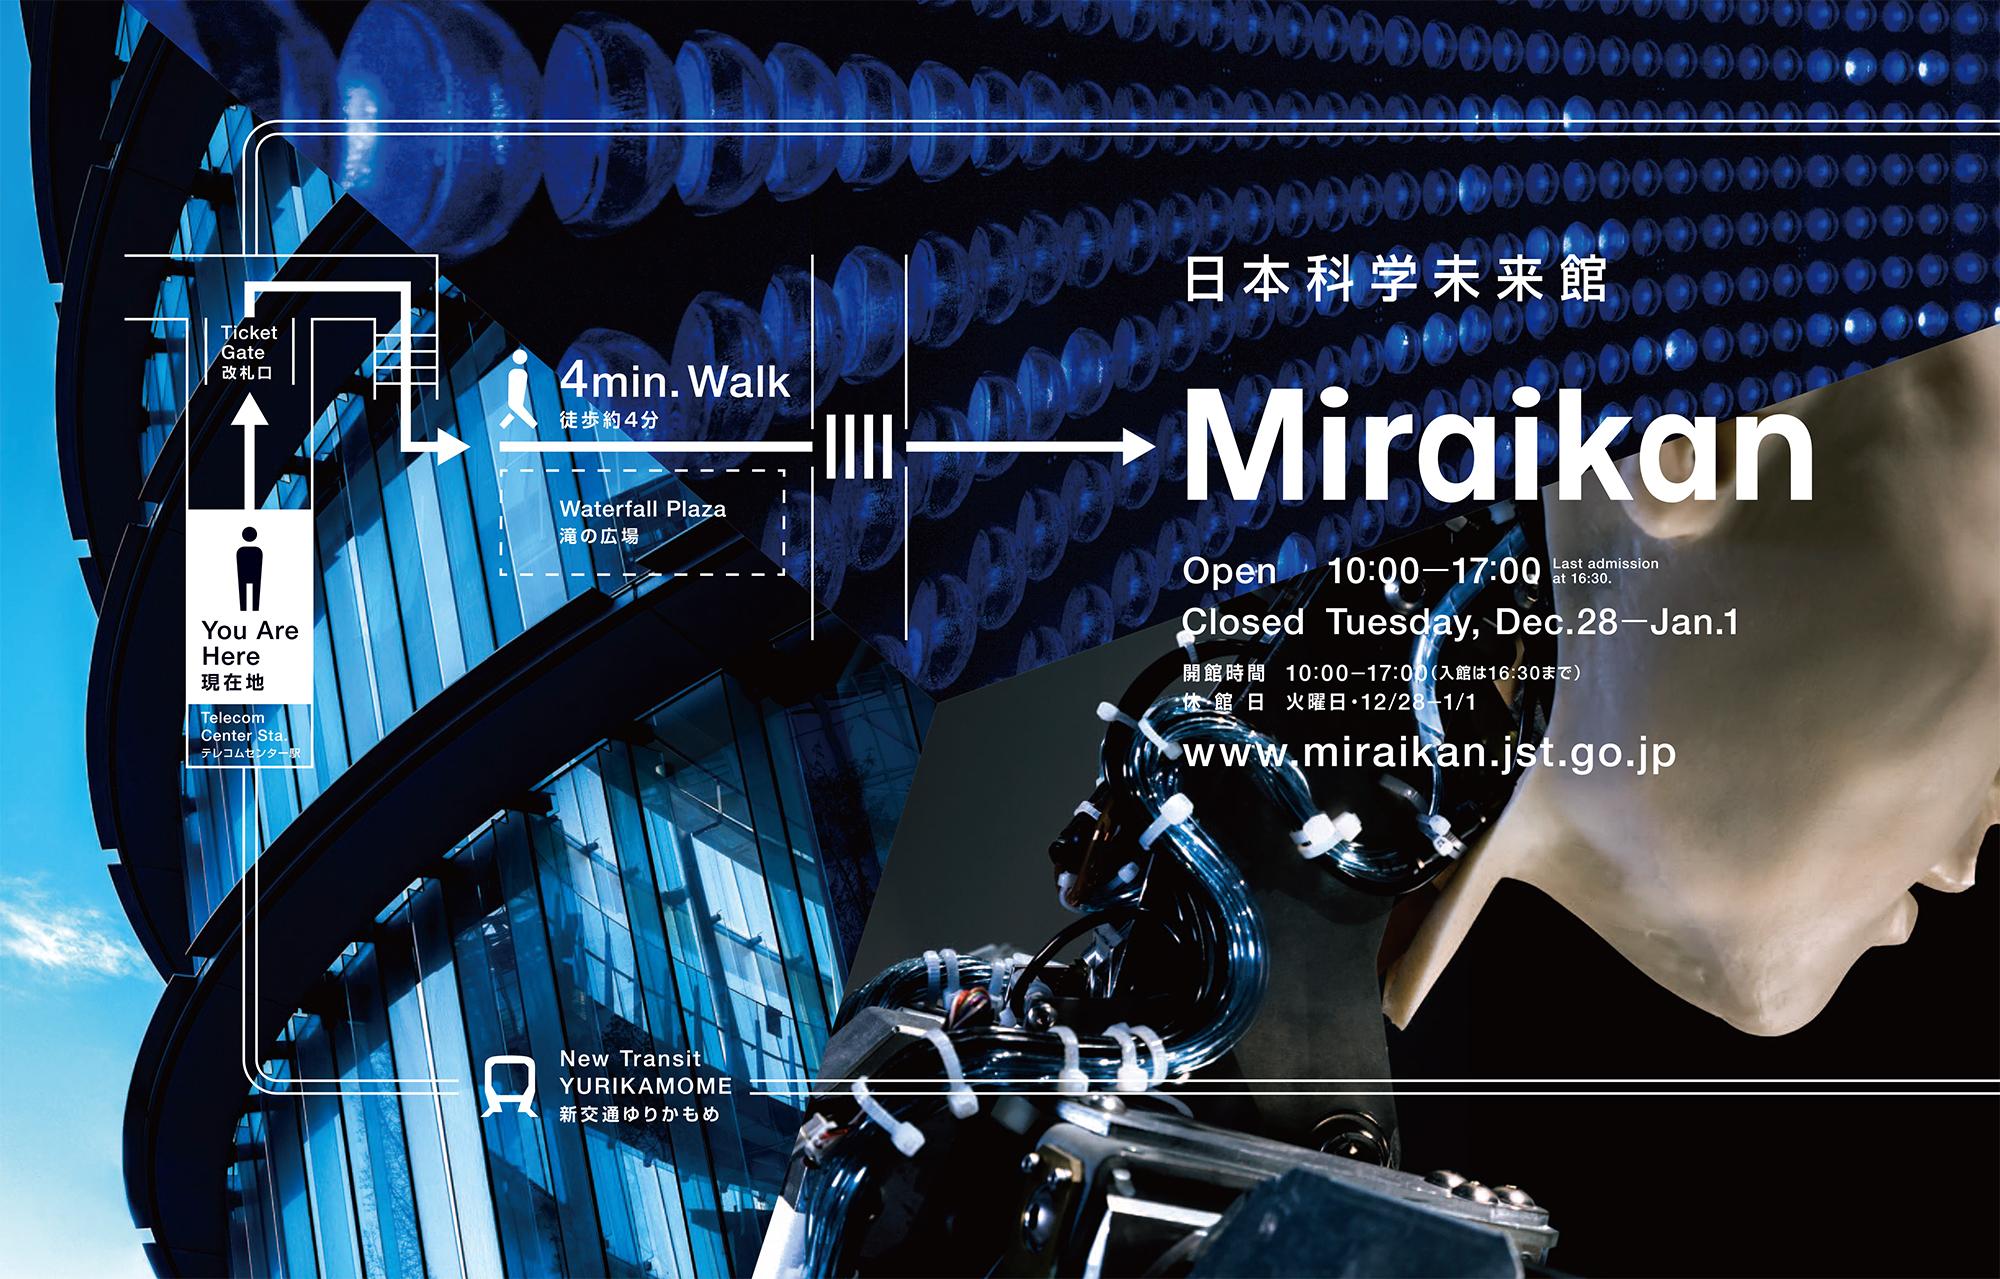 miraikan_yurikamome_telecom_nnn_ol_0514.ai